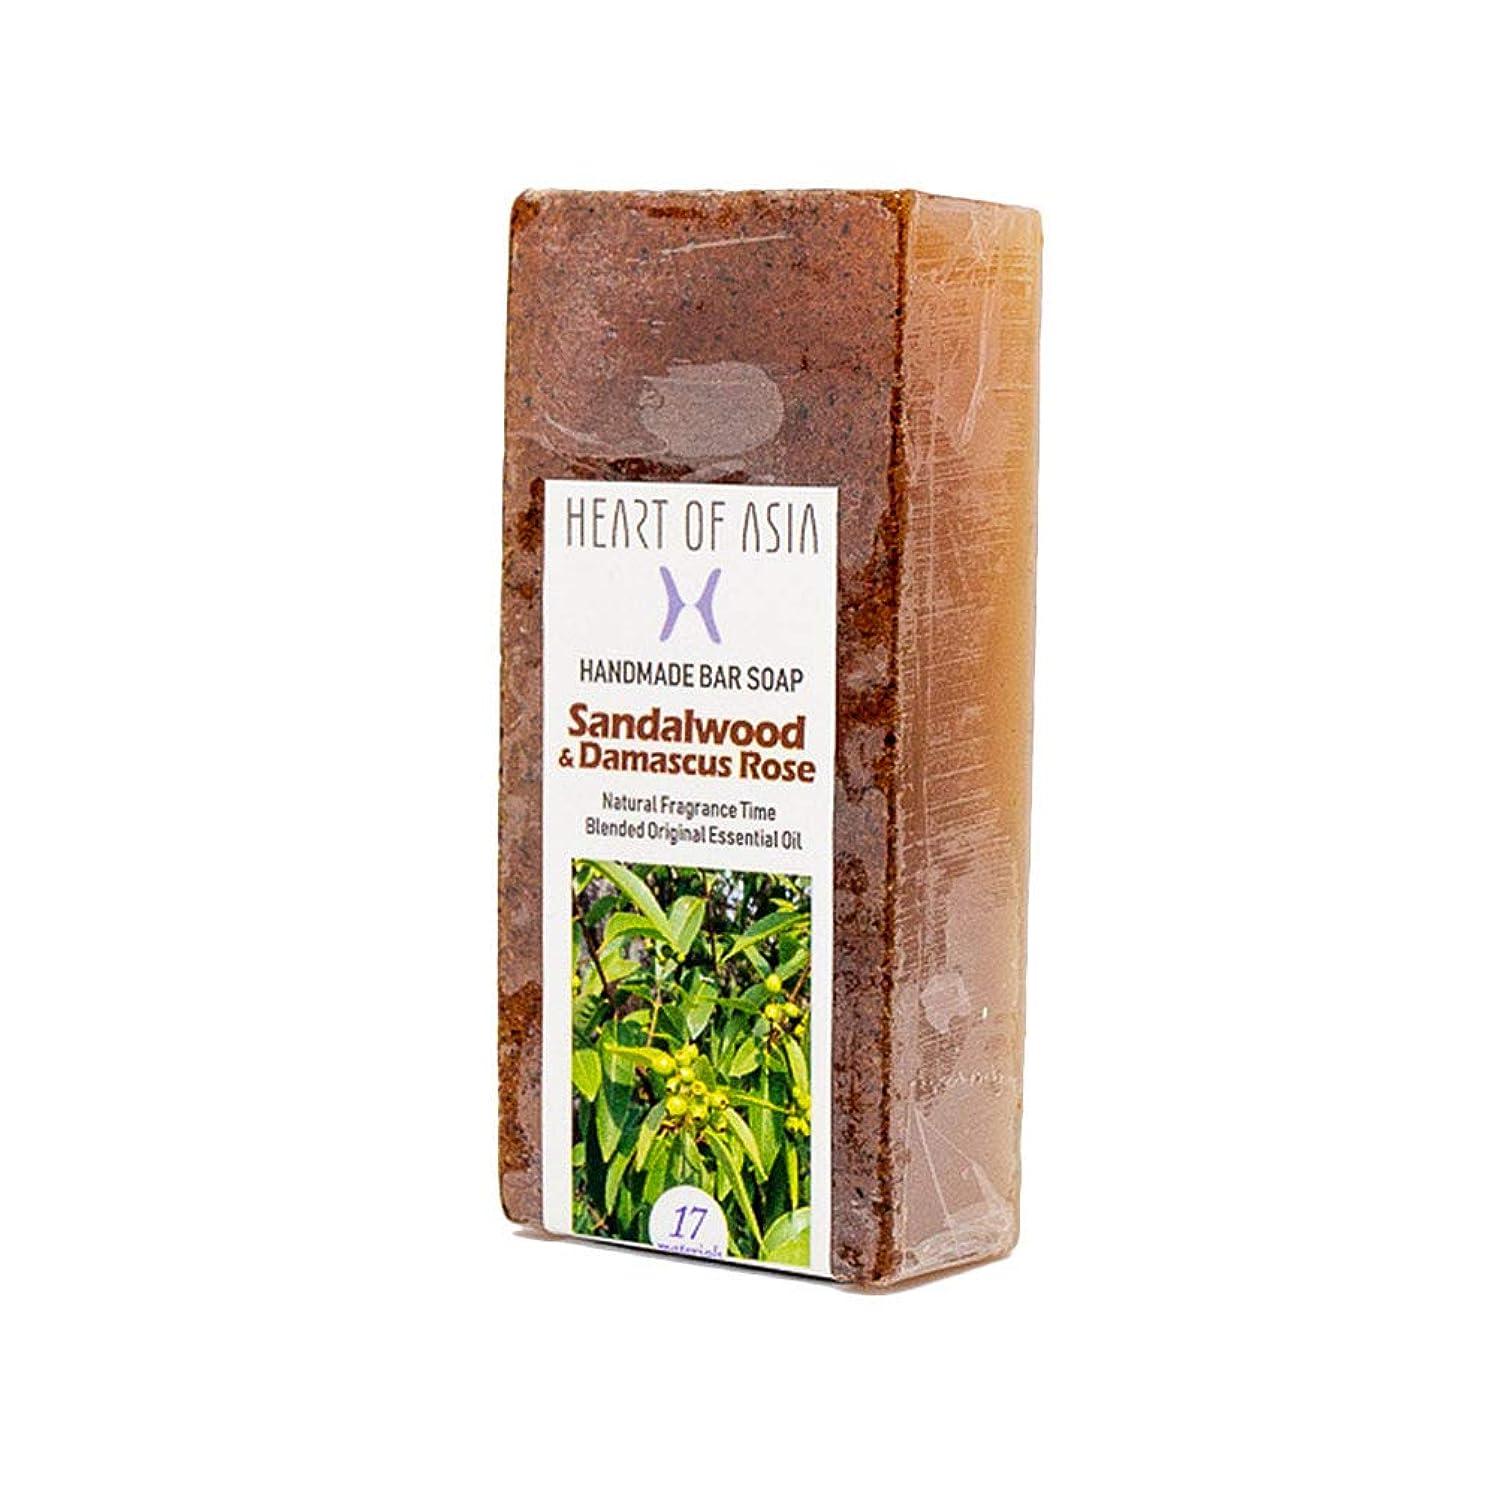 リンスペイント奇跡的な香水のようなフレグランス石けん HANDMADE BAR SOAP ~Sandalwood&Damascus Rose~ (単品)